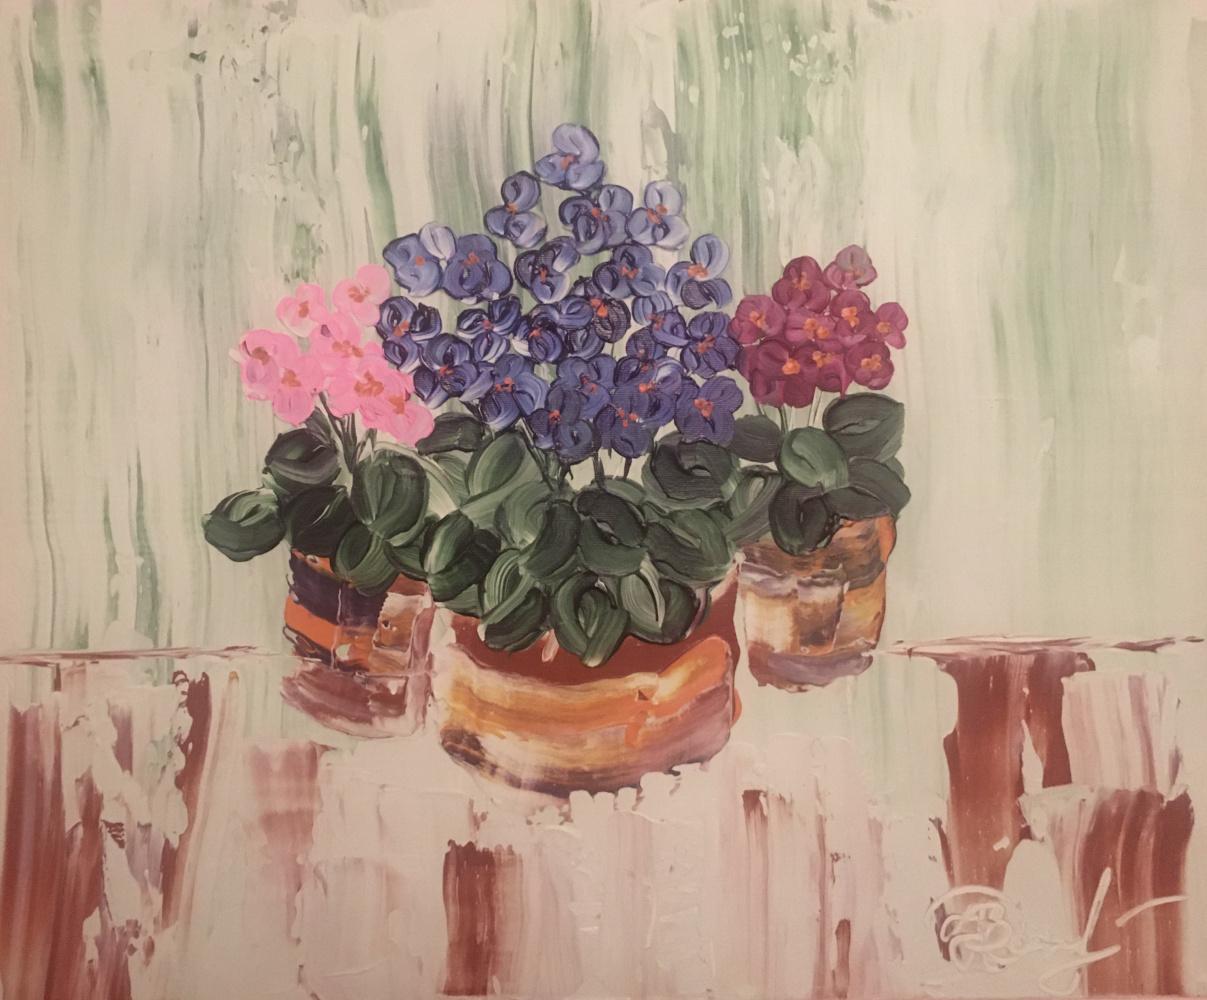 Daria Nagayets. Violets